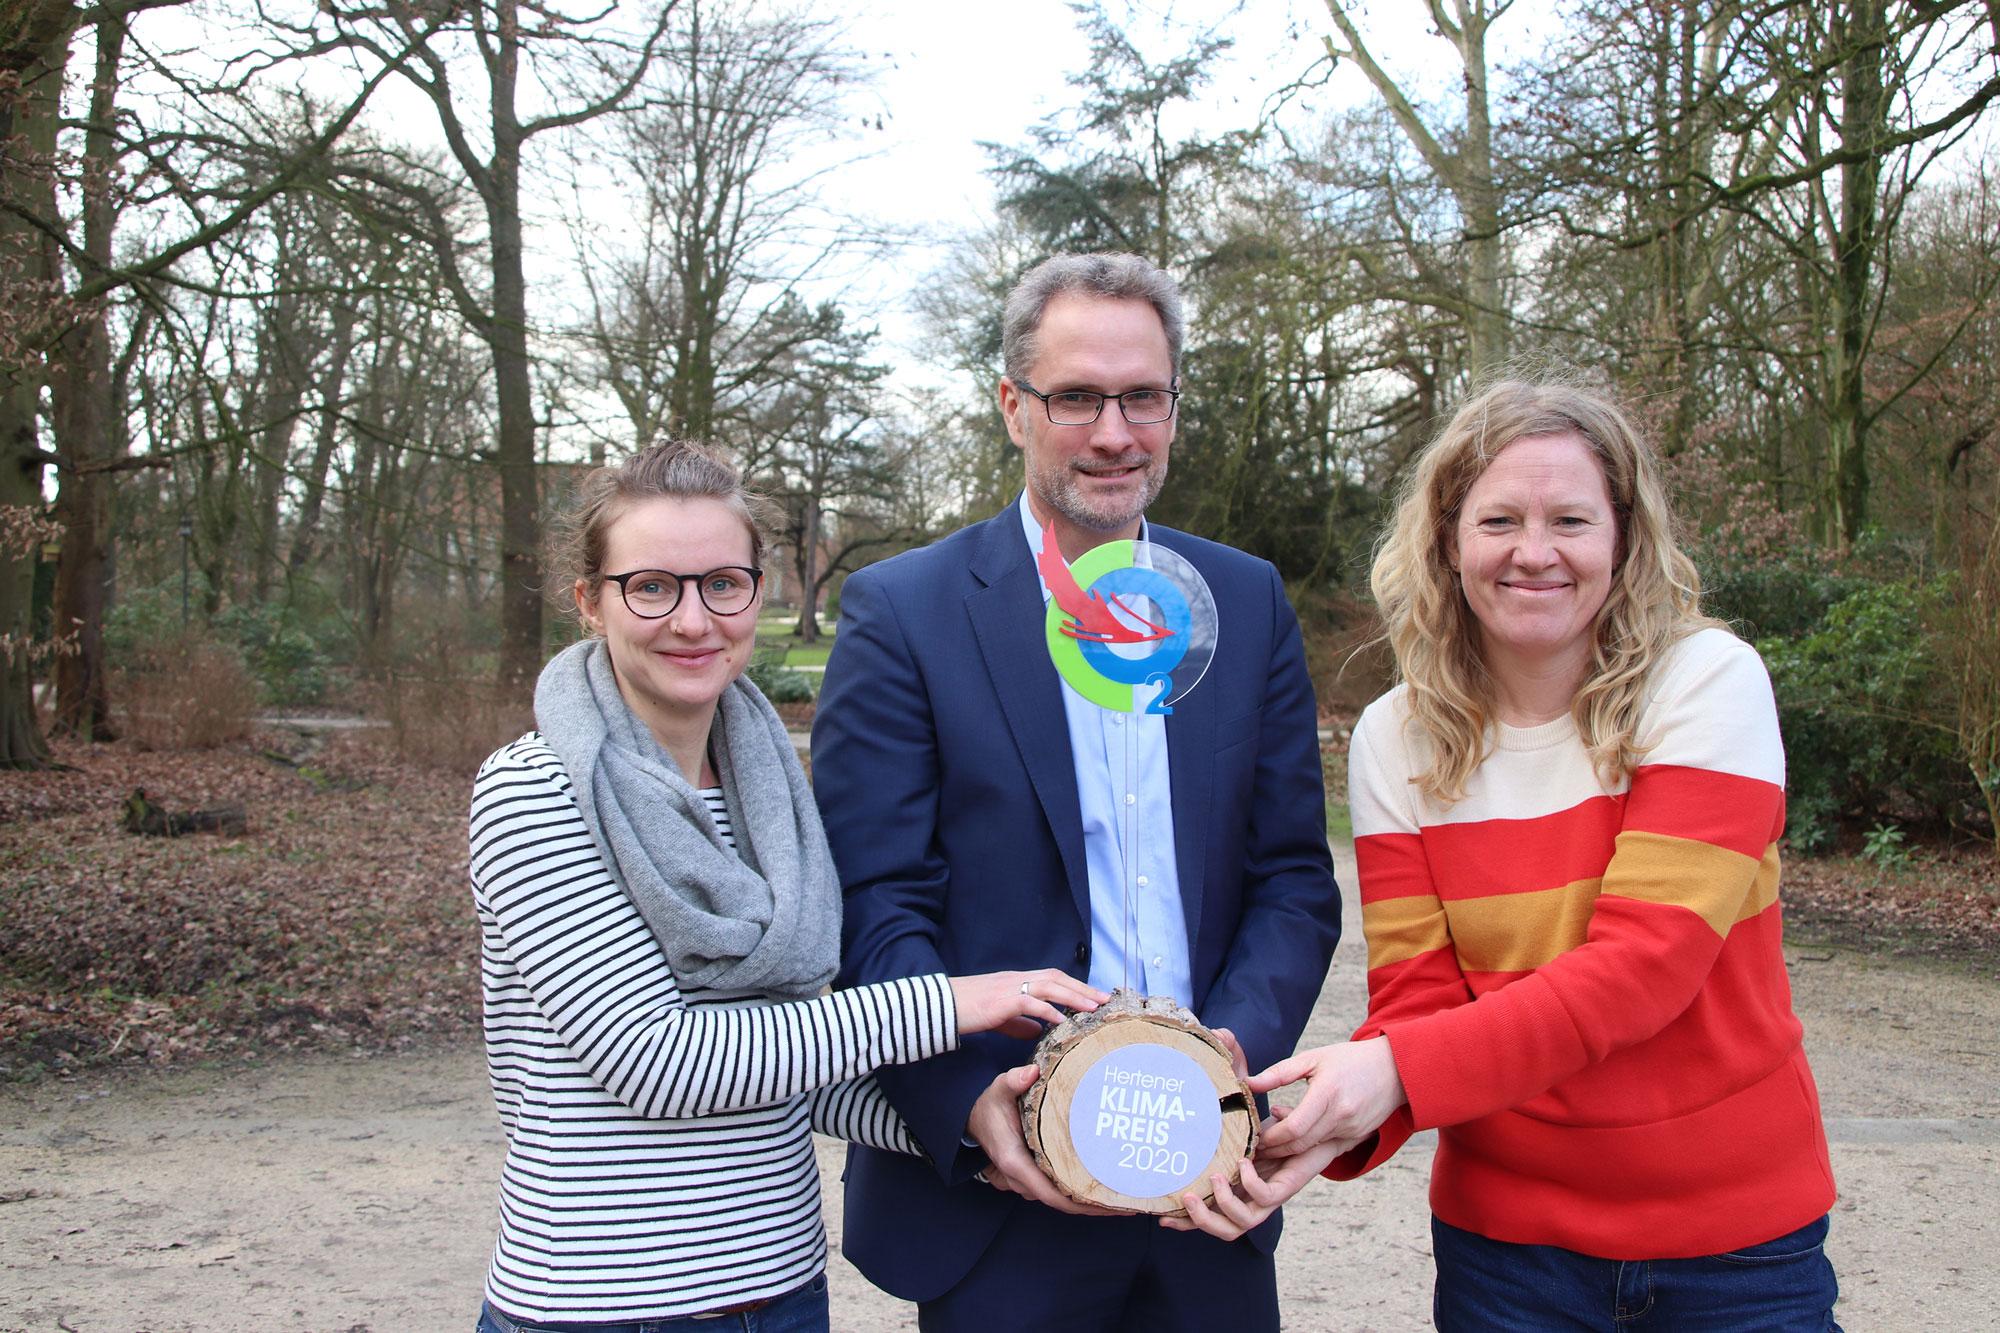 Dr. Theresa Eckermann, Thorsten Rattmann und Irja Hönekopp mit dem Hertener Klimapreis. (Foto: Stadt Herten)